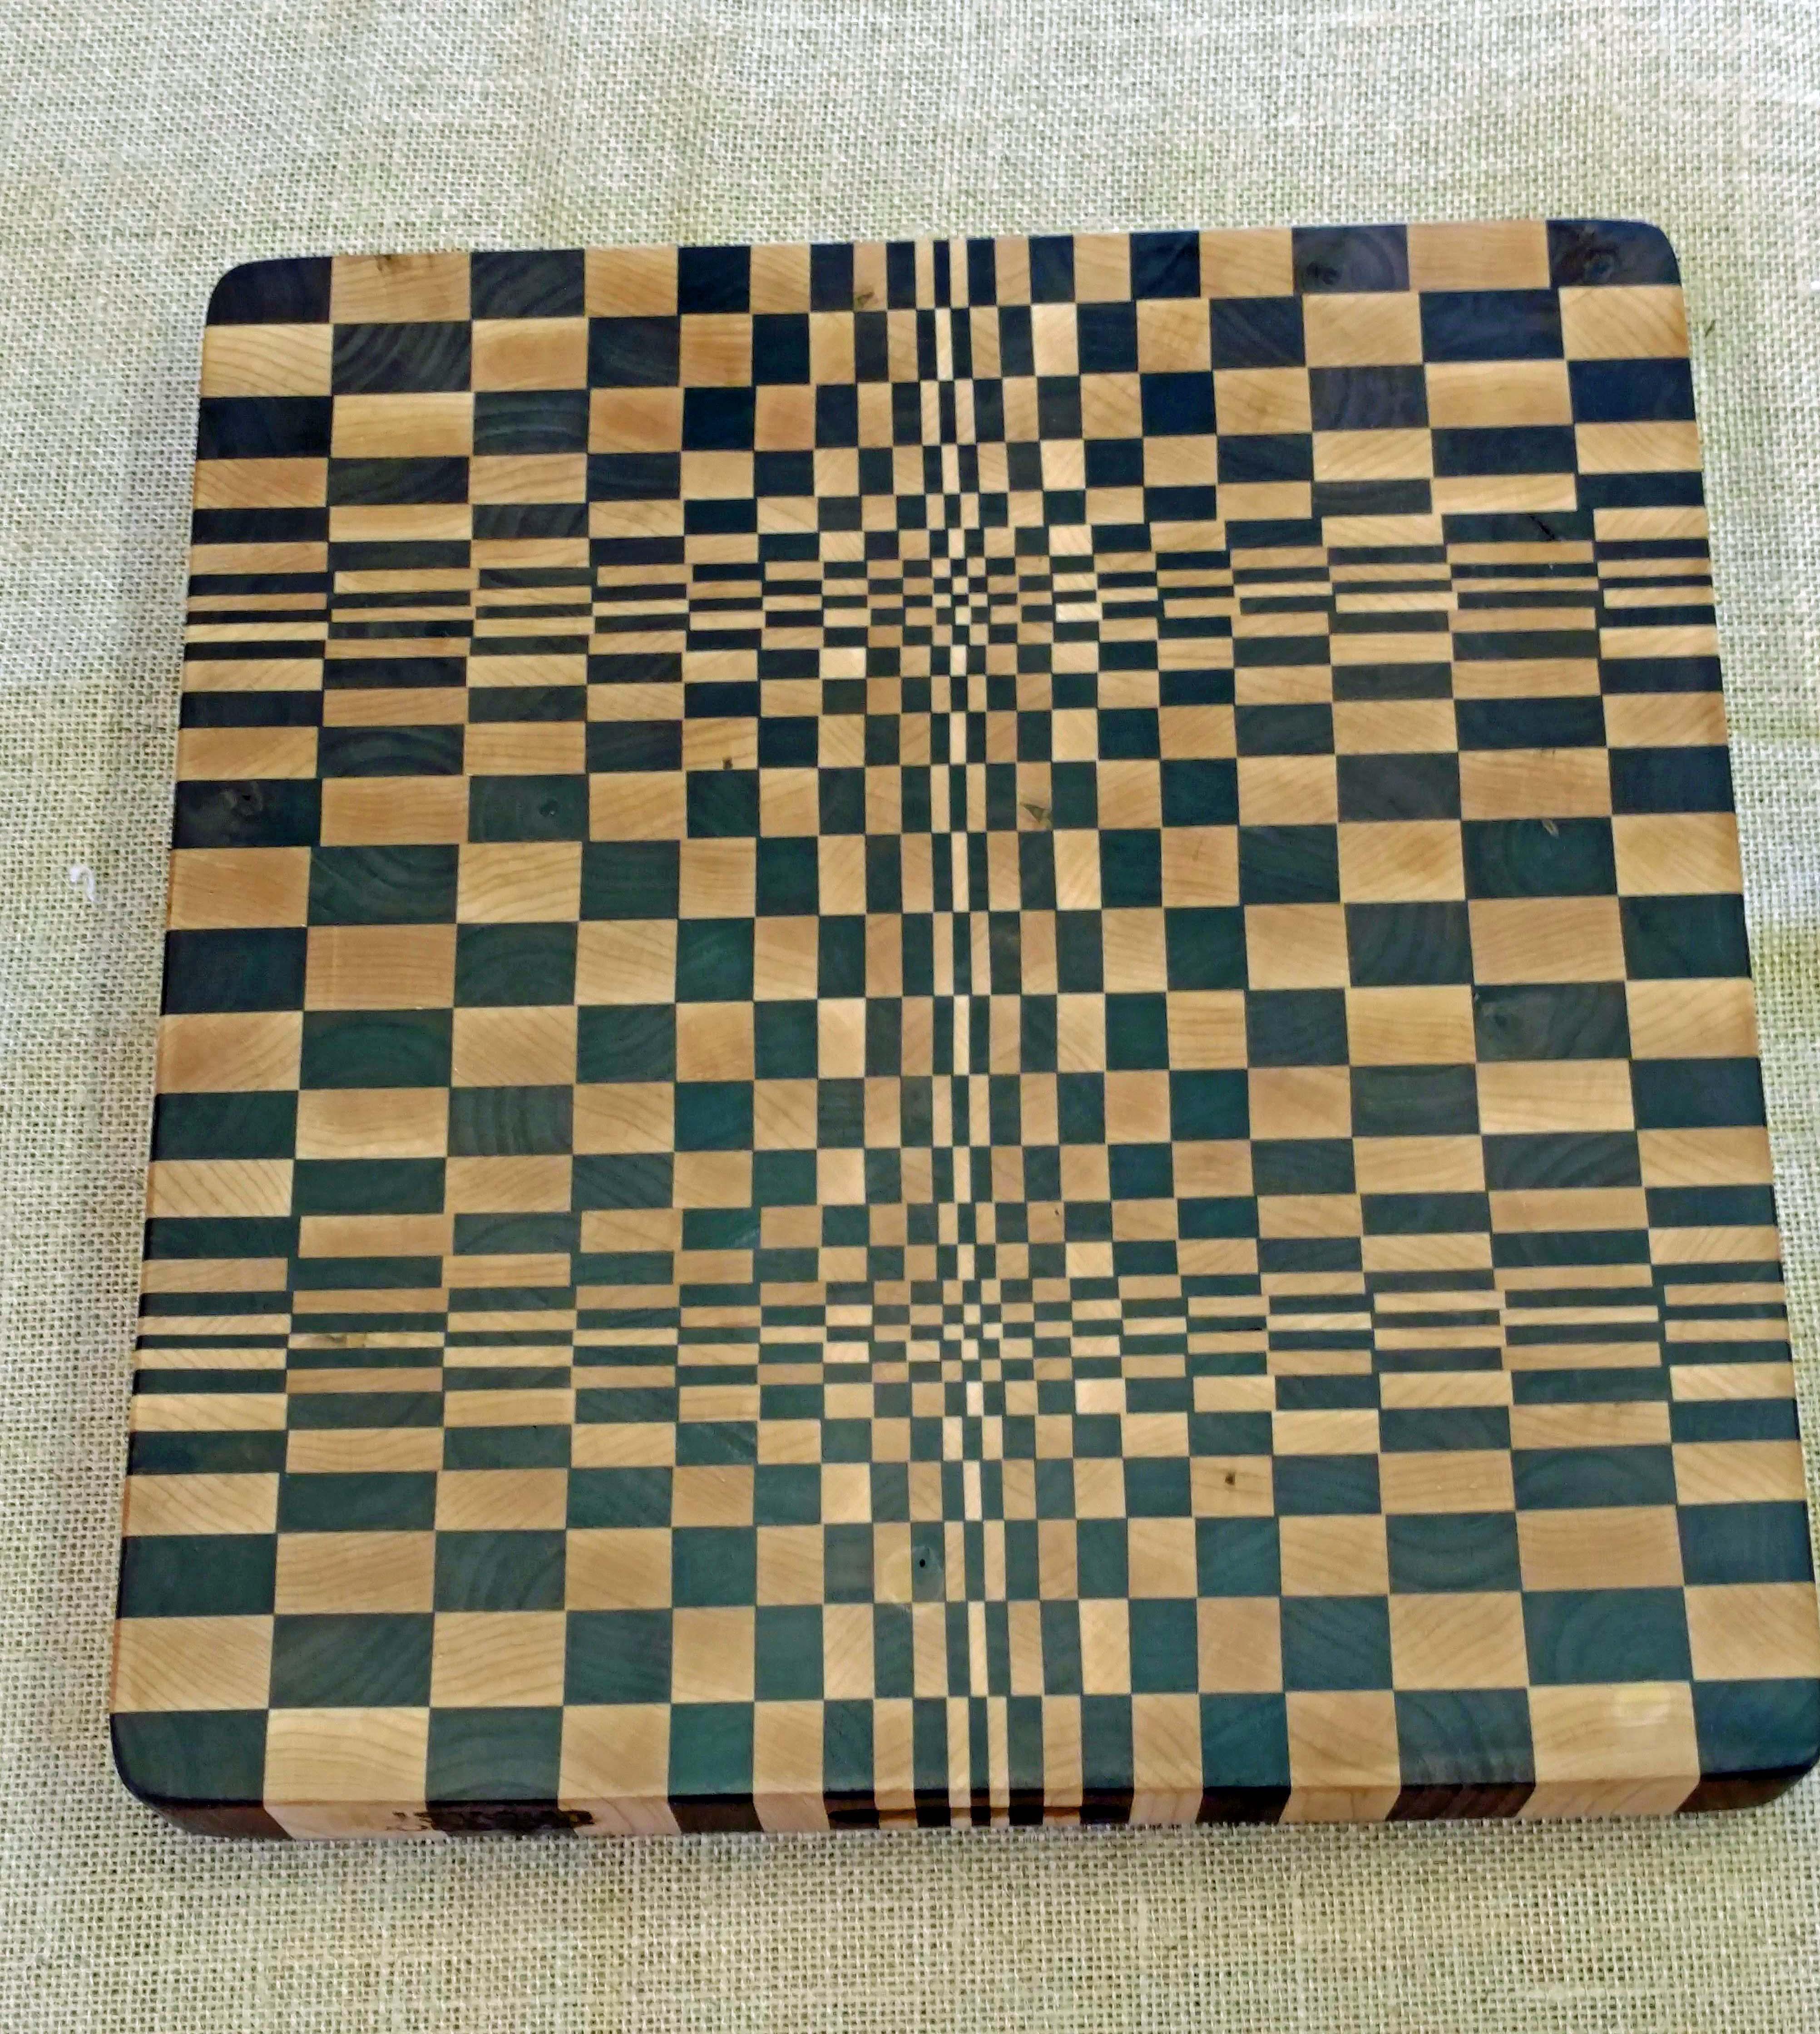 3D Cutting Board | End Grain